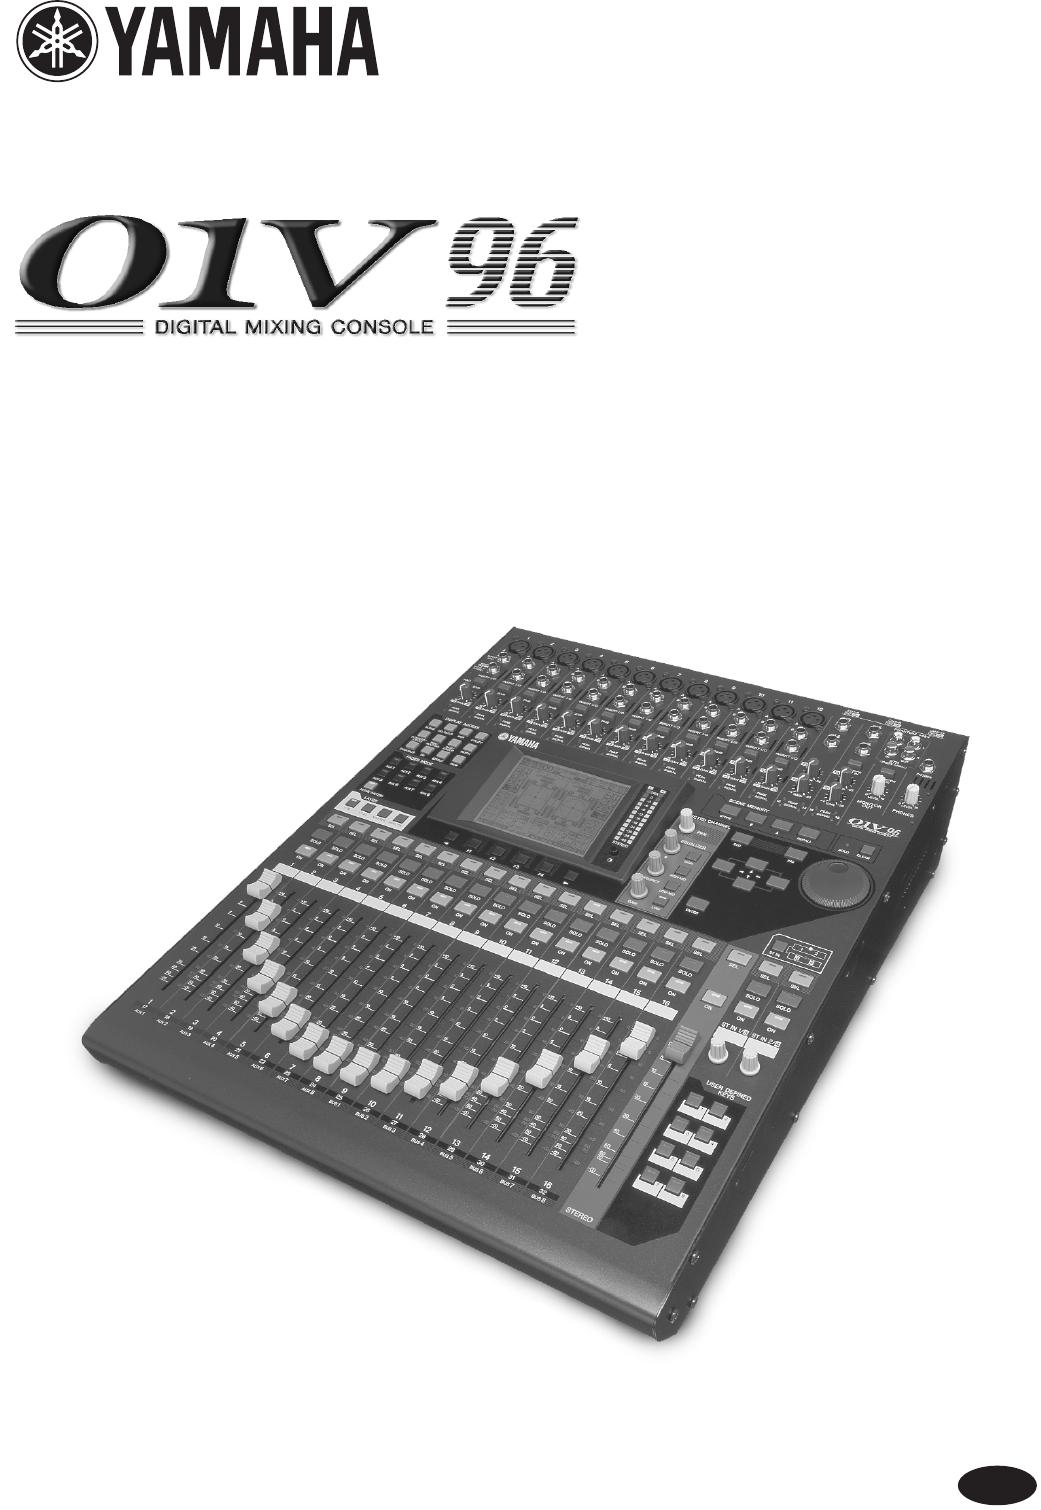 Yamaha 01v96 Block Diagram Wiring Database Library Yamaha Powered Speakers 01v96  Block Diagram